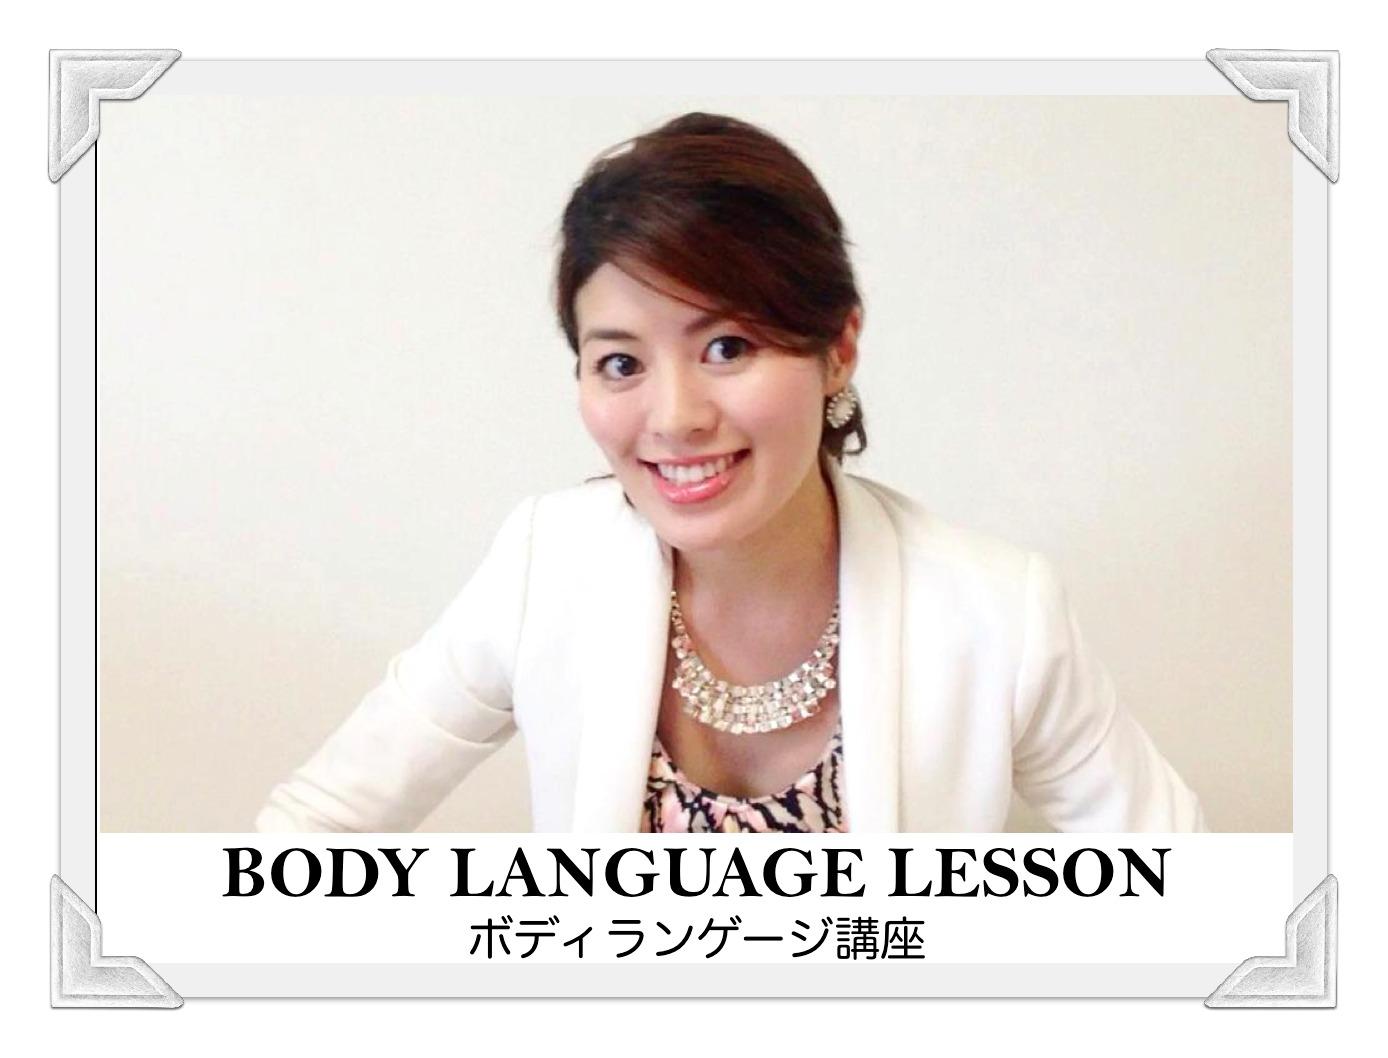 ボディランゲージ講座 非言語コミュニケーション